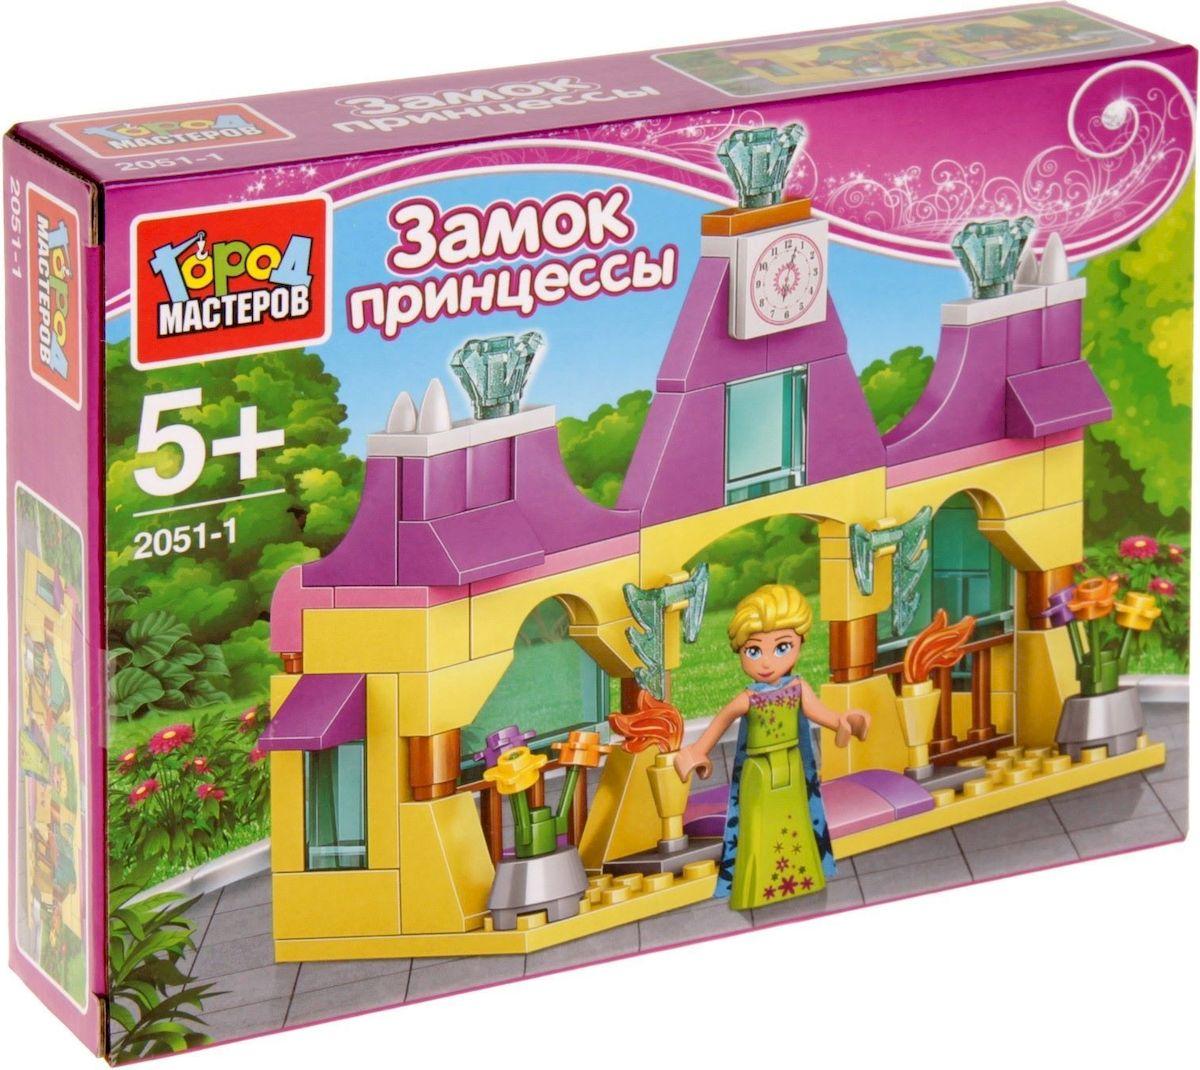 Город мастеров Конструктор Замок принцессы LL-2051-R_2051-1 конструктор замок принцессы 59 деталей